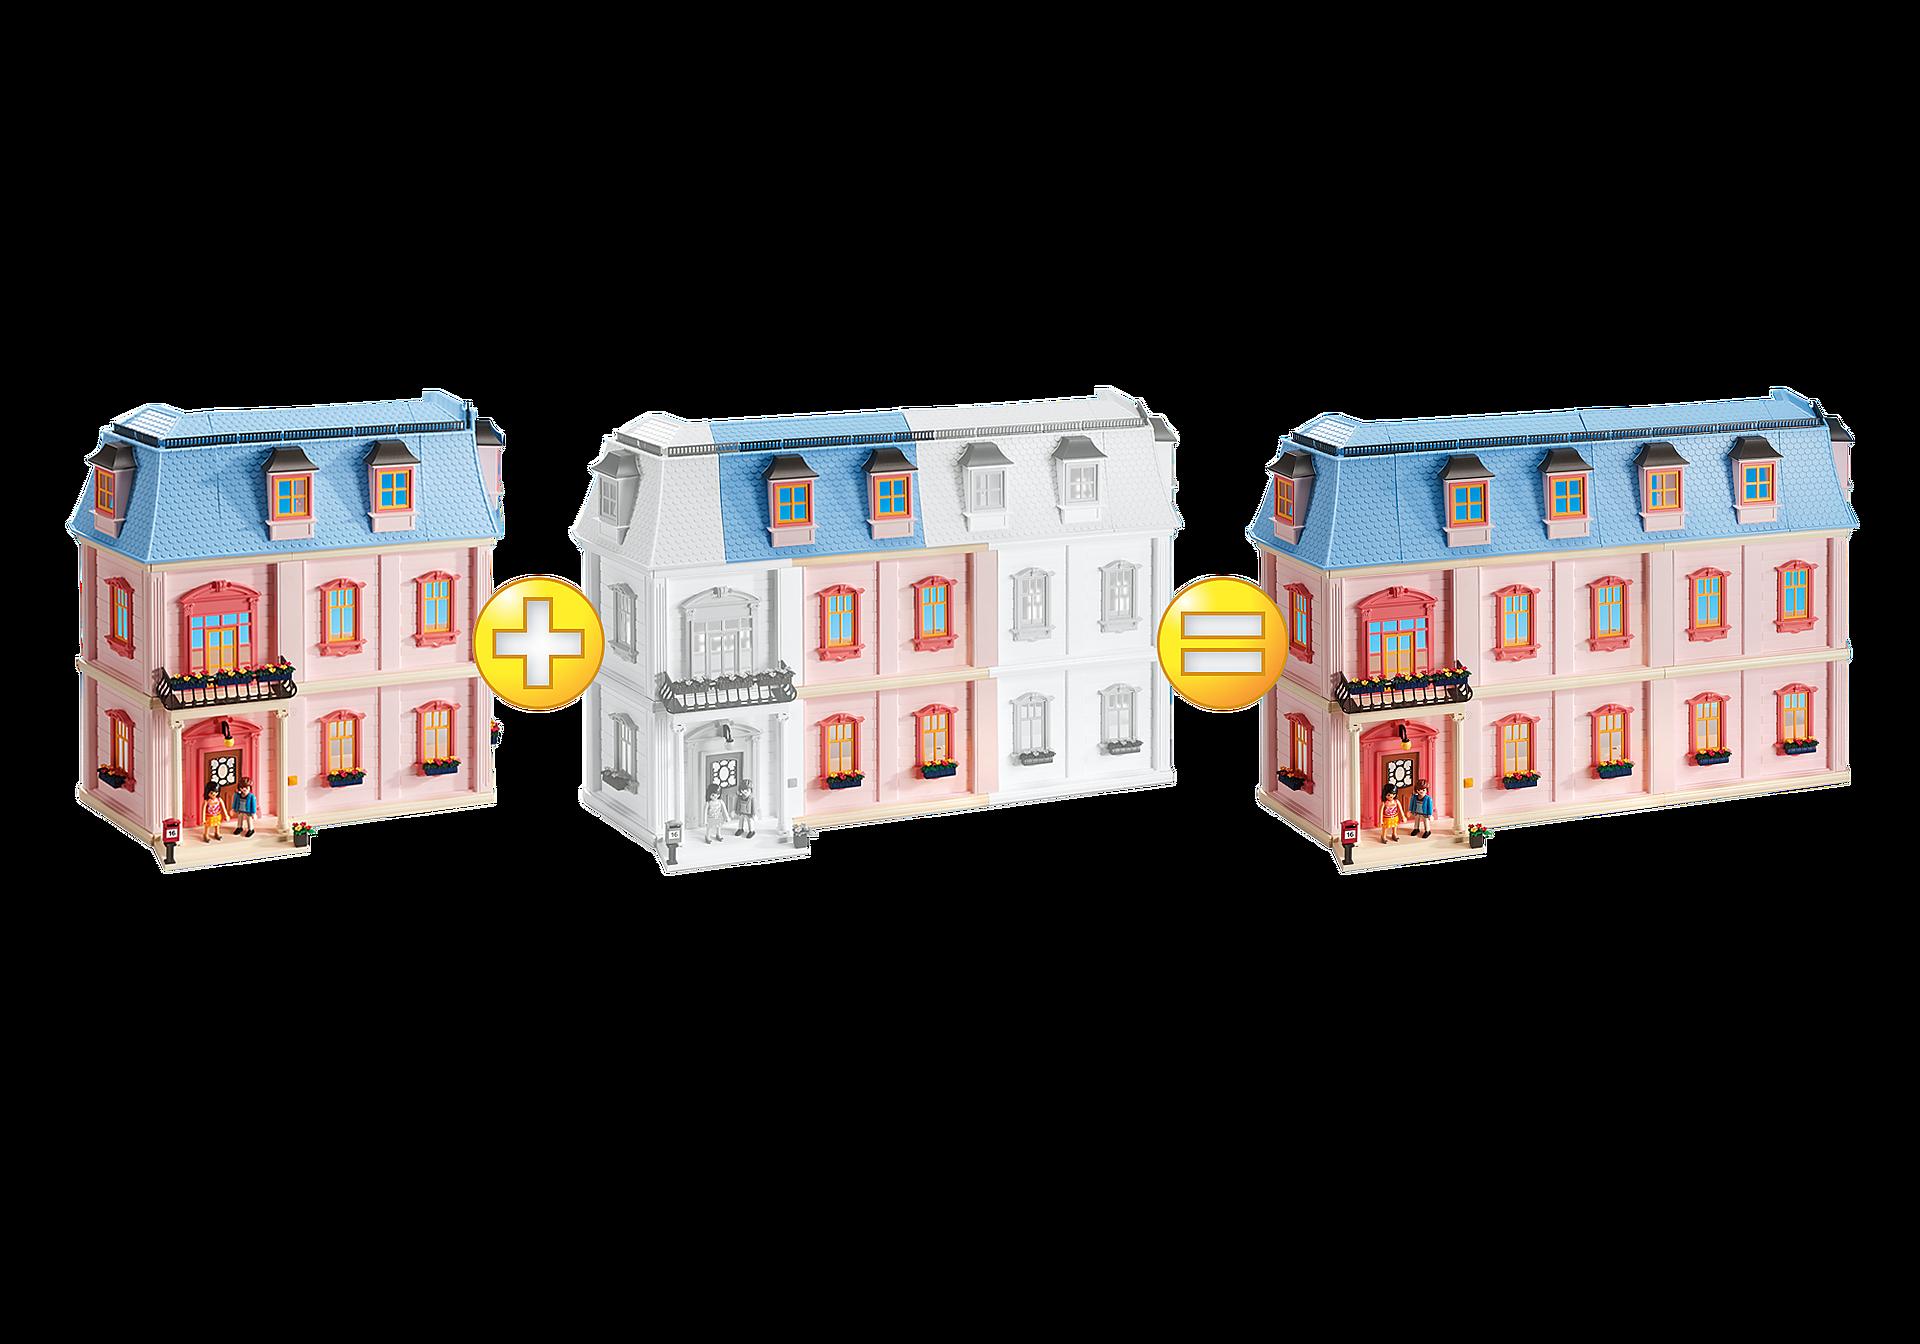 http://media.playmobil.com/i/playmobil/6452_product_extra1/Extensão A para Casa de Bonecas Romântica (ref. 5303)